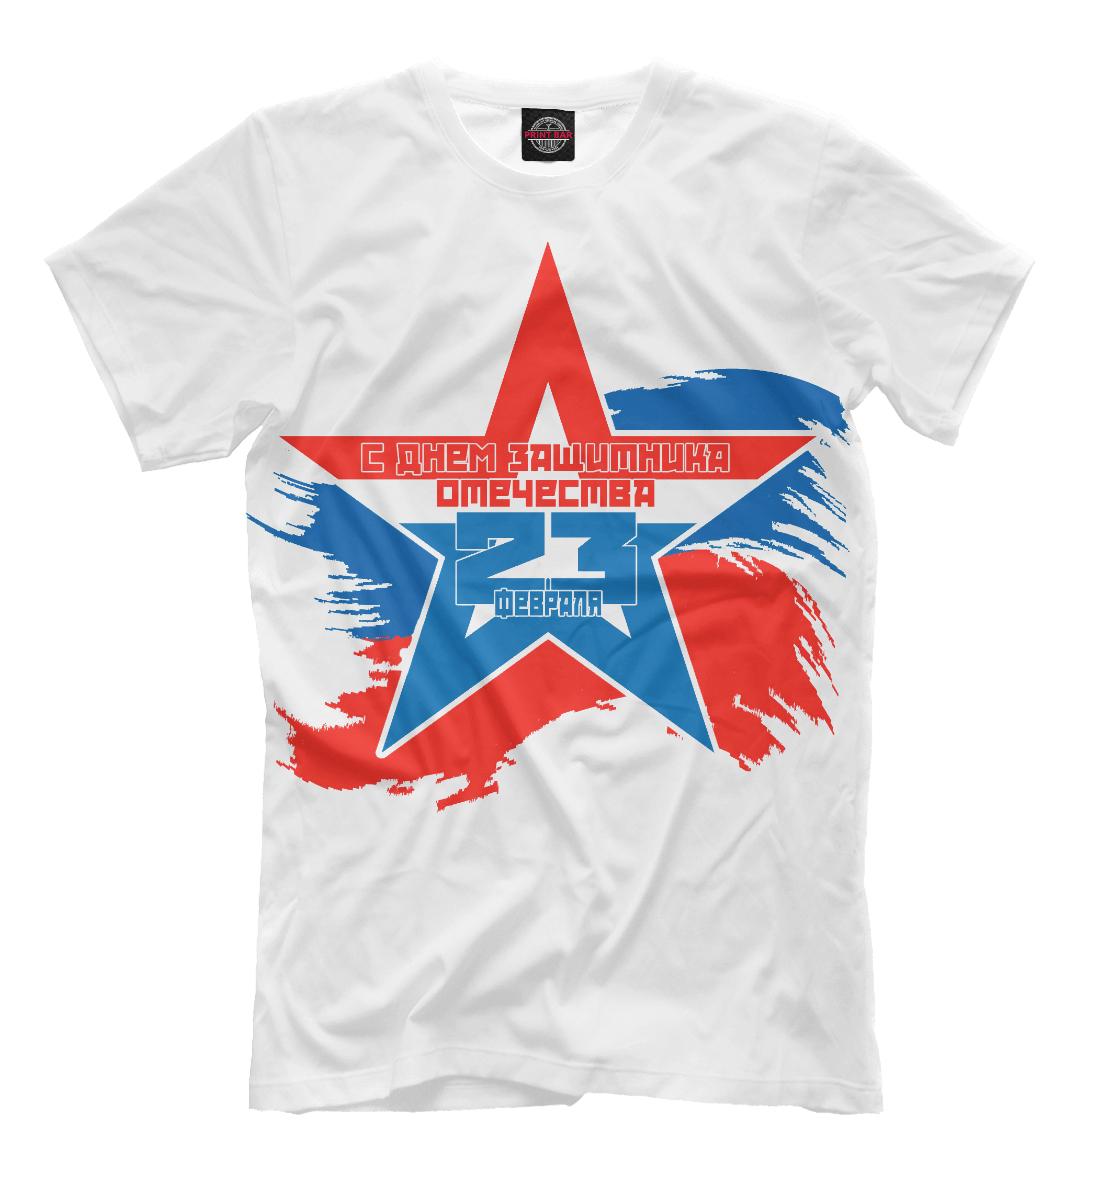 Купить Мужская футболка, Printbar, Футболки, 23F-984668-fut-2